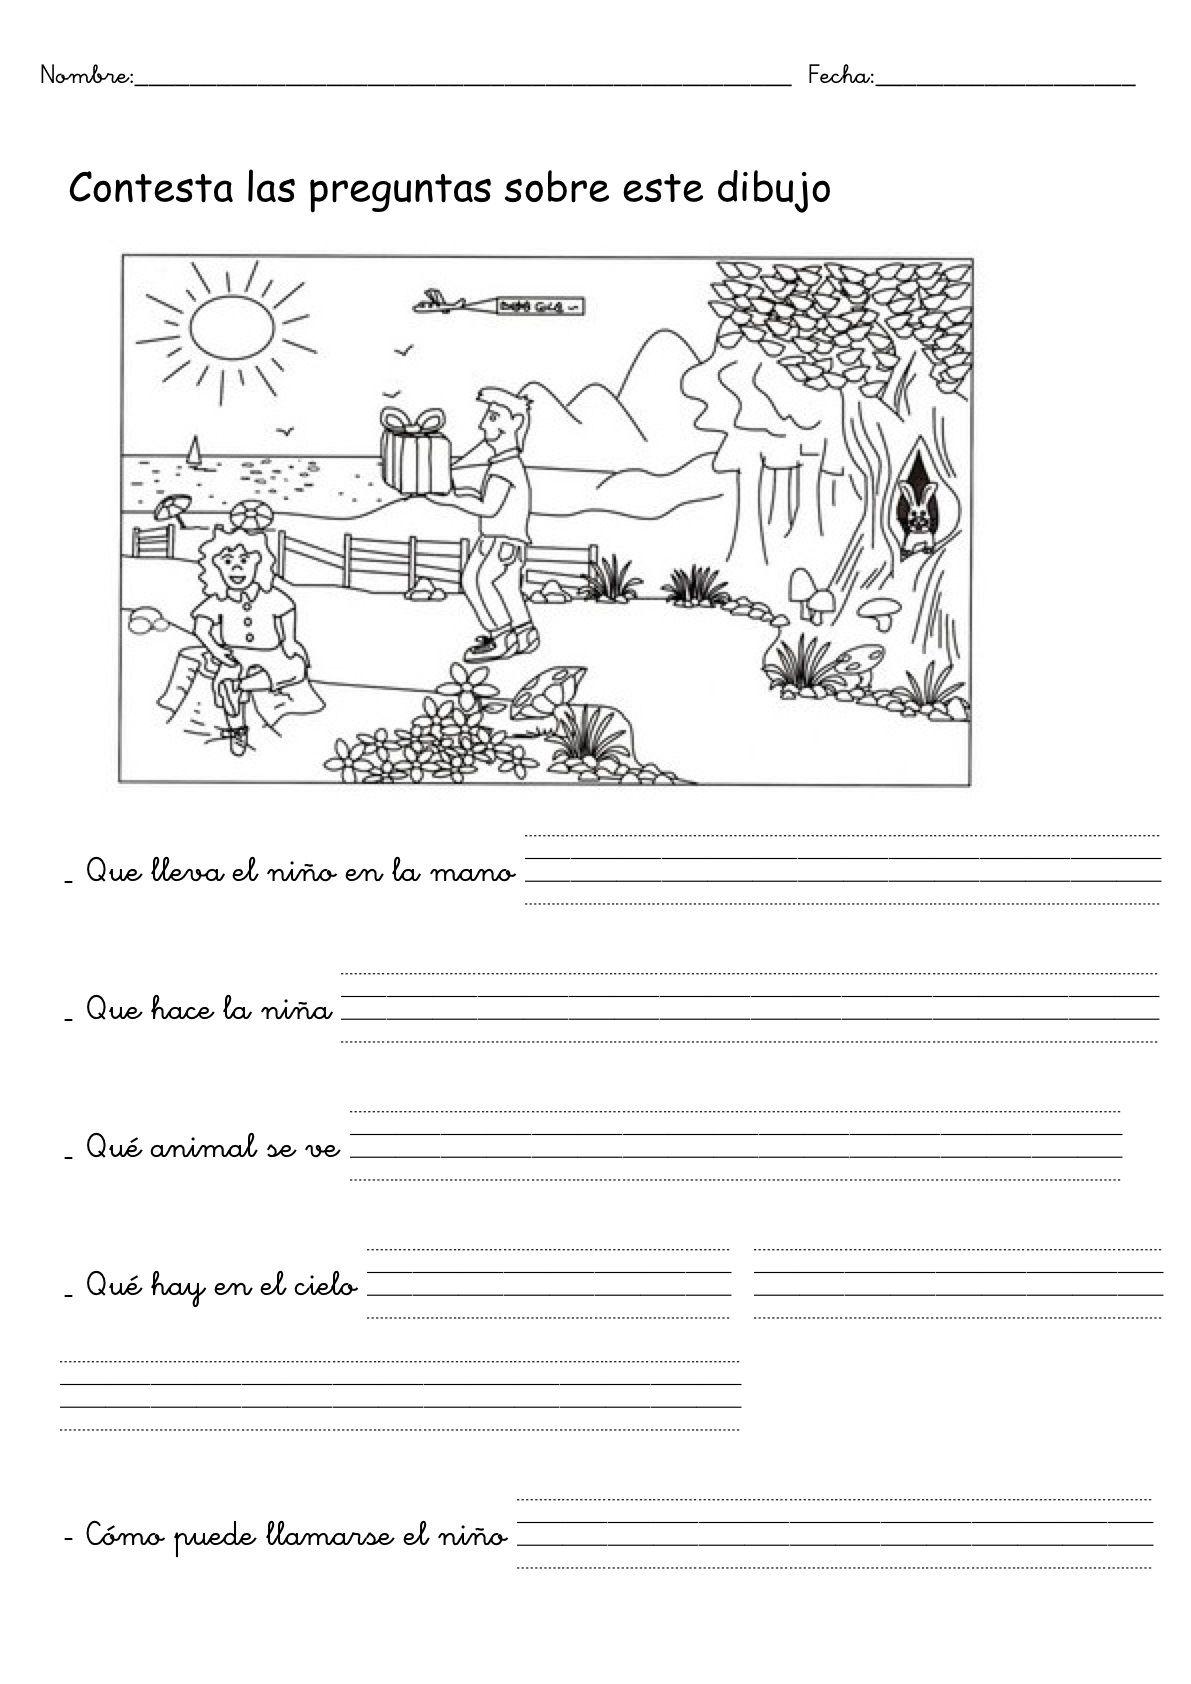 Contesta A Las Preguntas Sobre El Dibujo Spanish Language Arts Dual Language Classroom Writing Activities